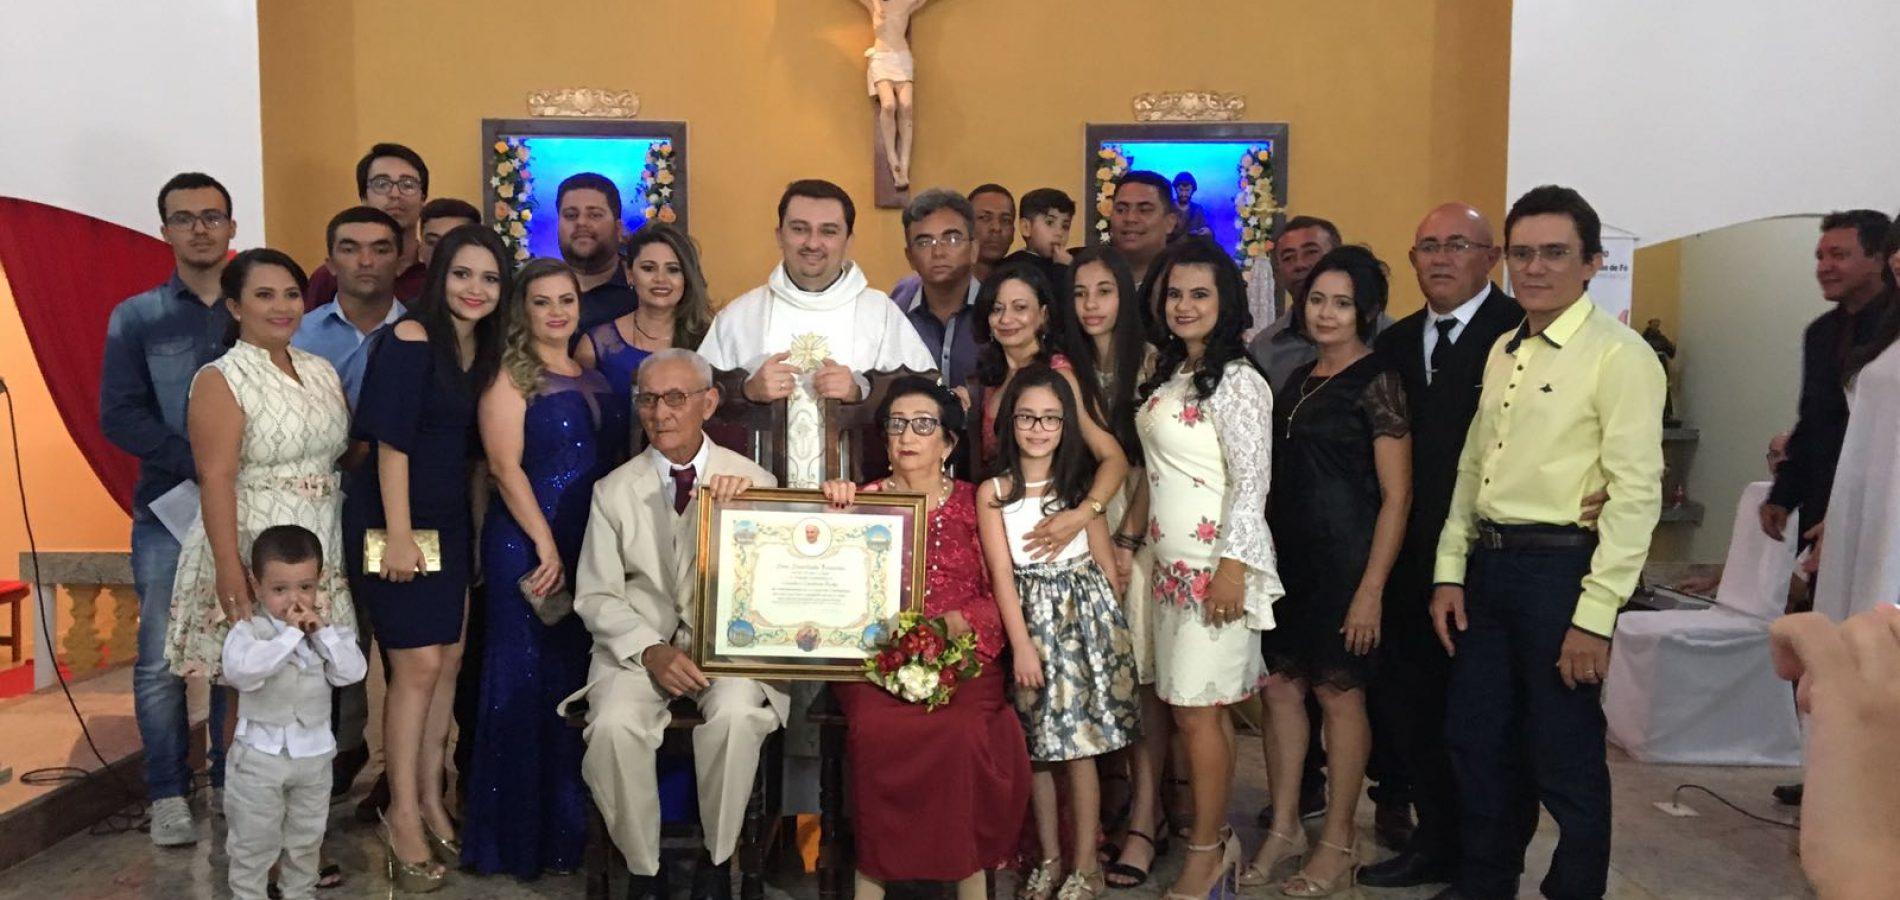 GENTE EM EVIDÊNCIA | Cerimônia religiosa marca os 70 anos de casados de Cláudio e Claudina, em Alagoinha-PI